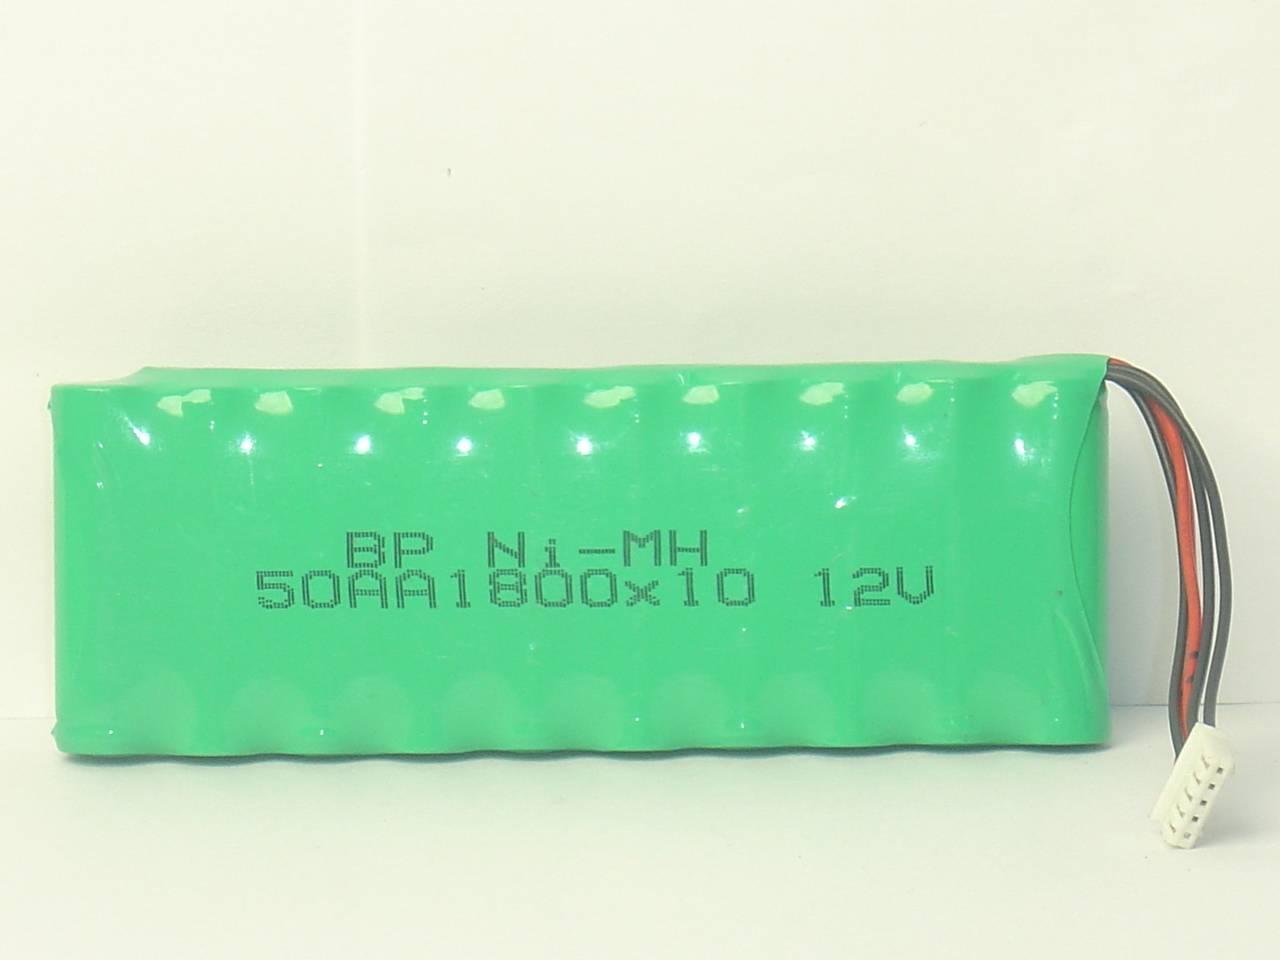 12V 49AA1800*10 Nimh battery pack